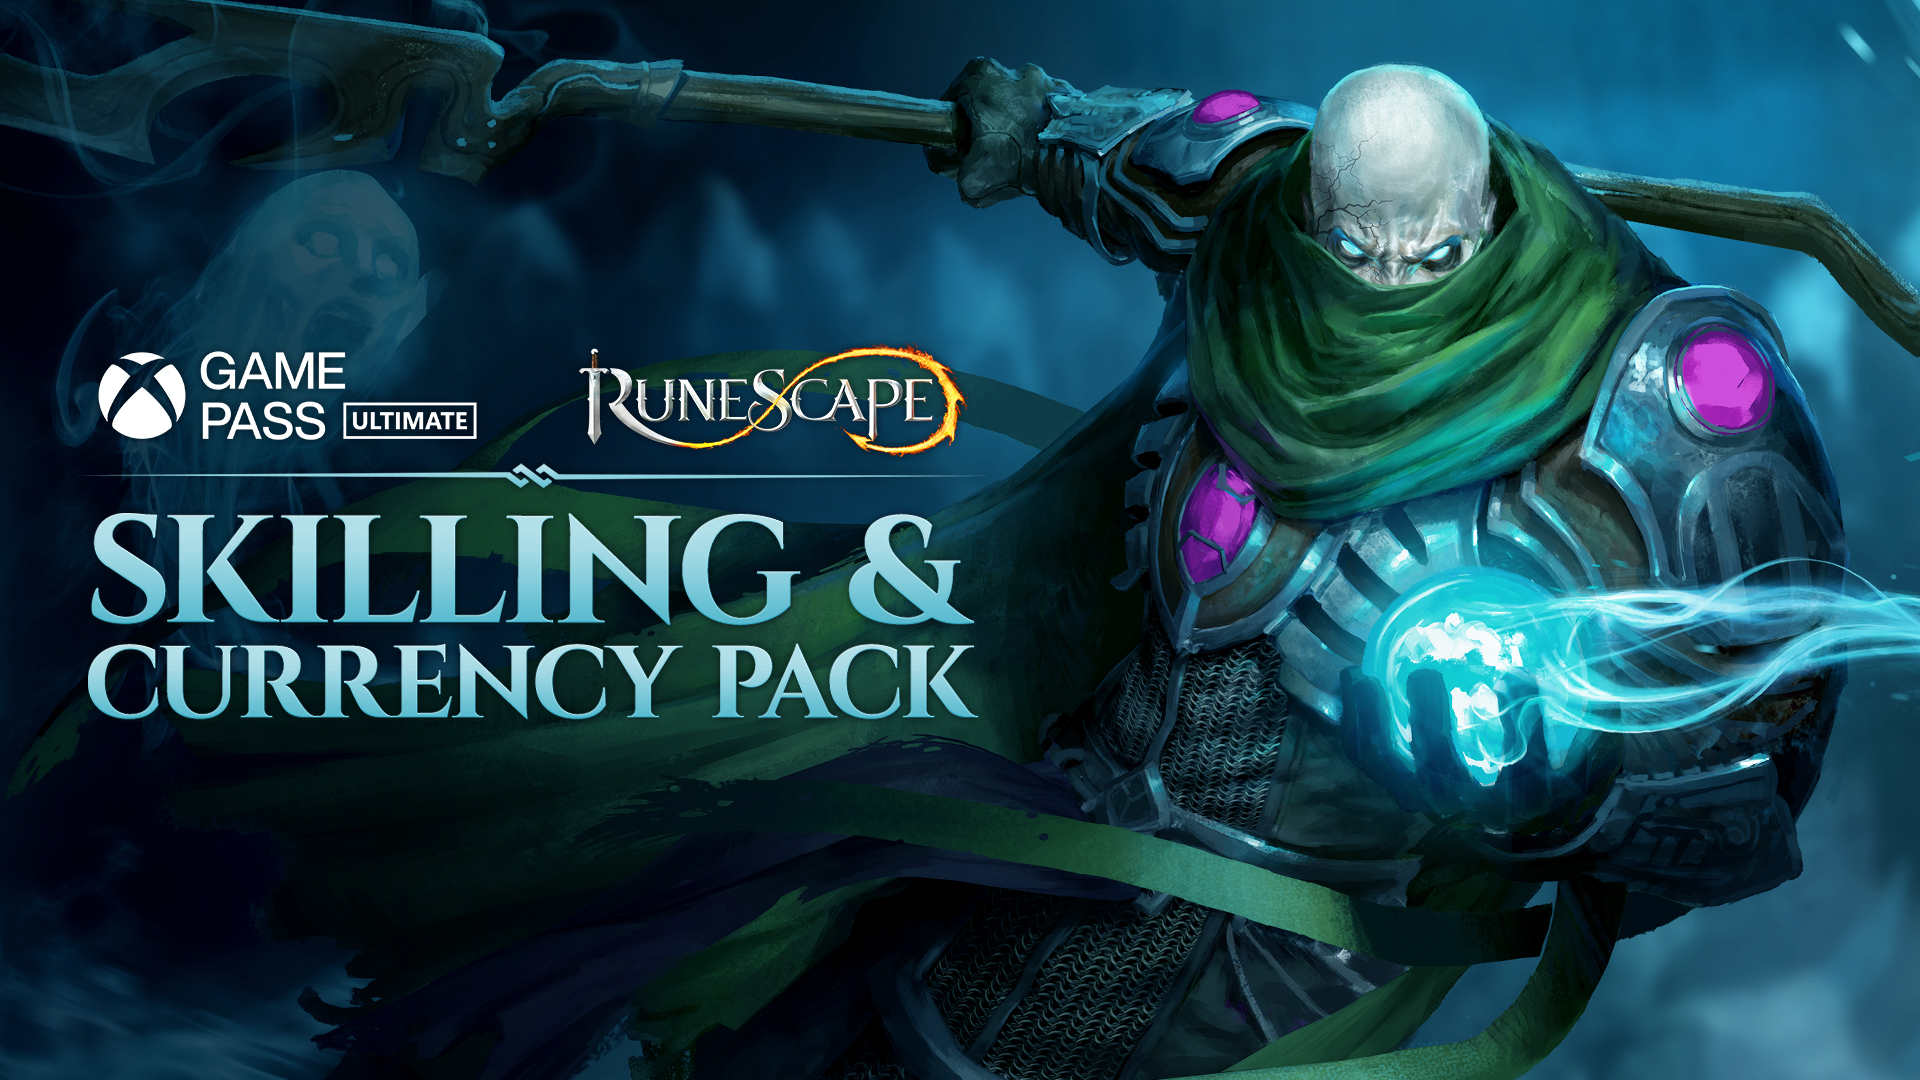 Game Pass Ultimate дает возможность получить бесплатно перк для Runescape